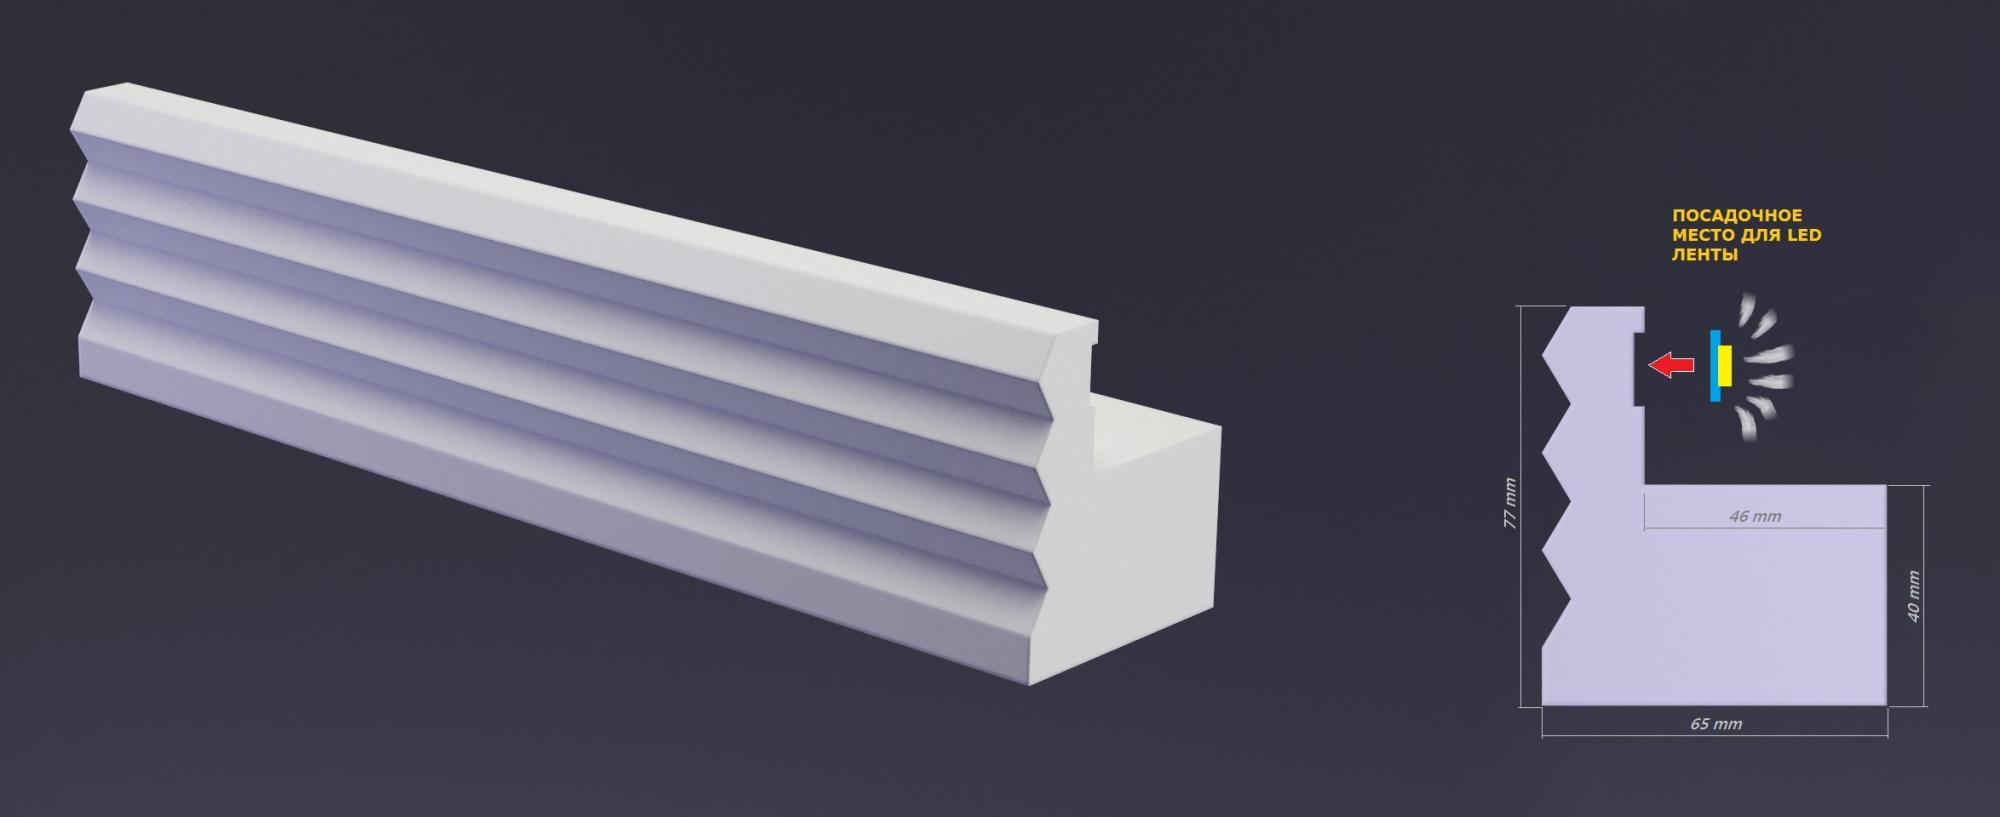 Профиль гипсовый LED FRAME-1